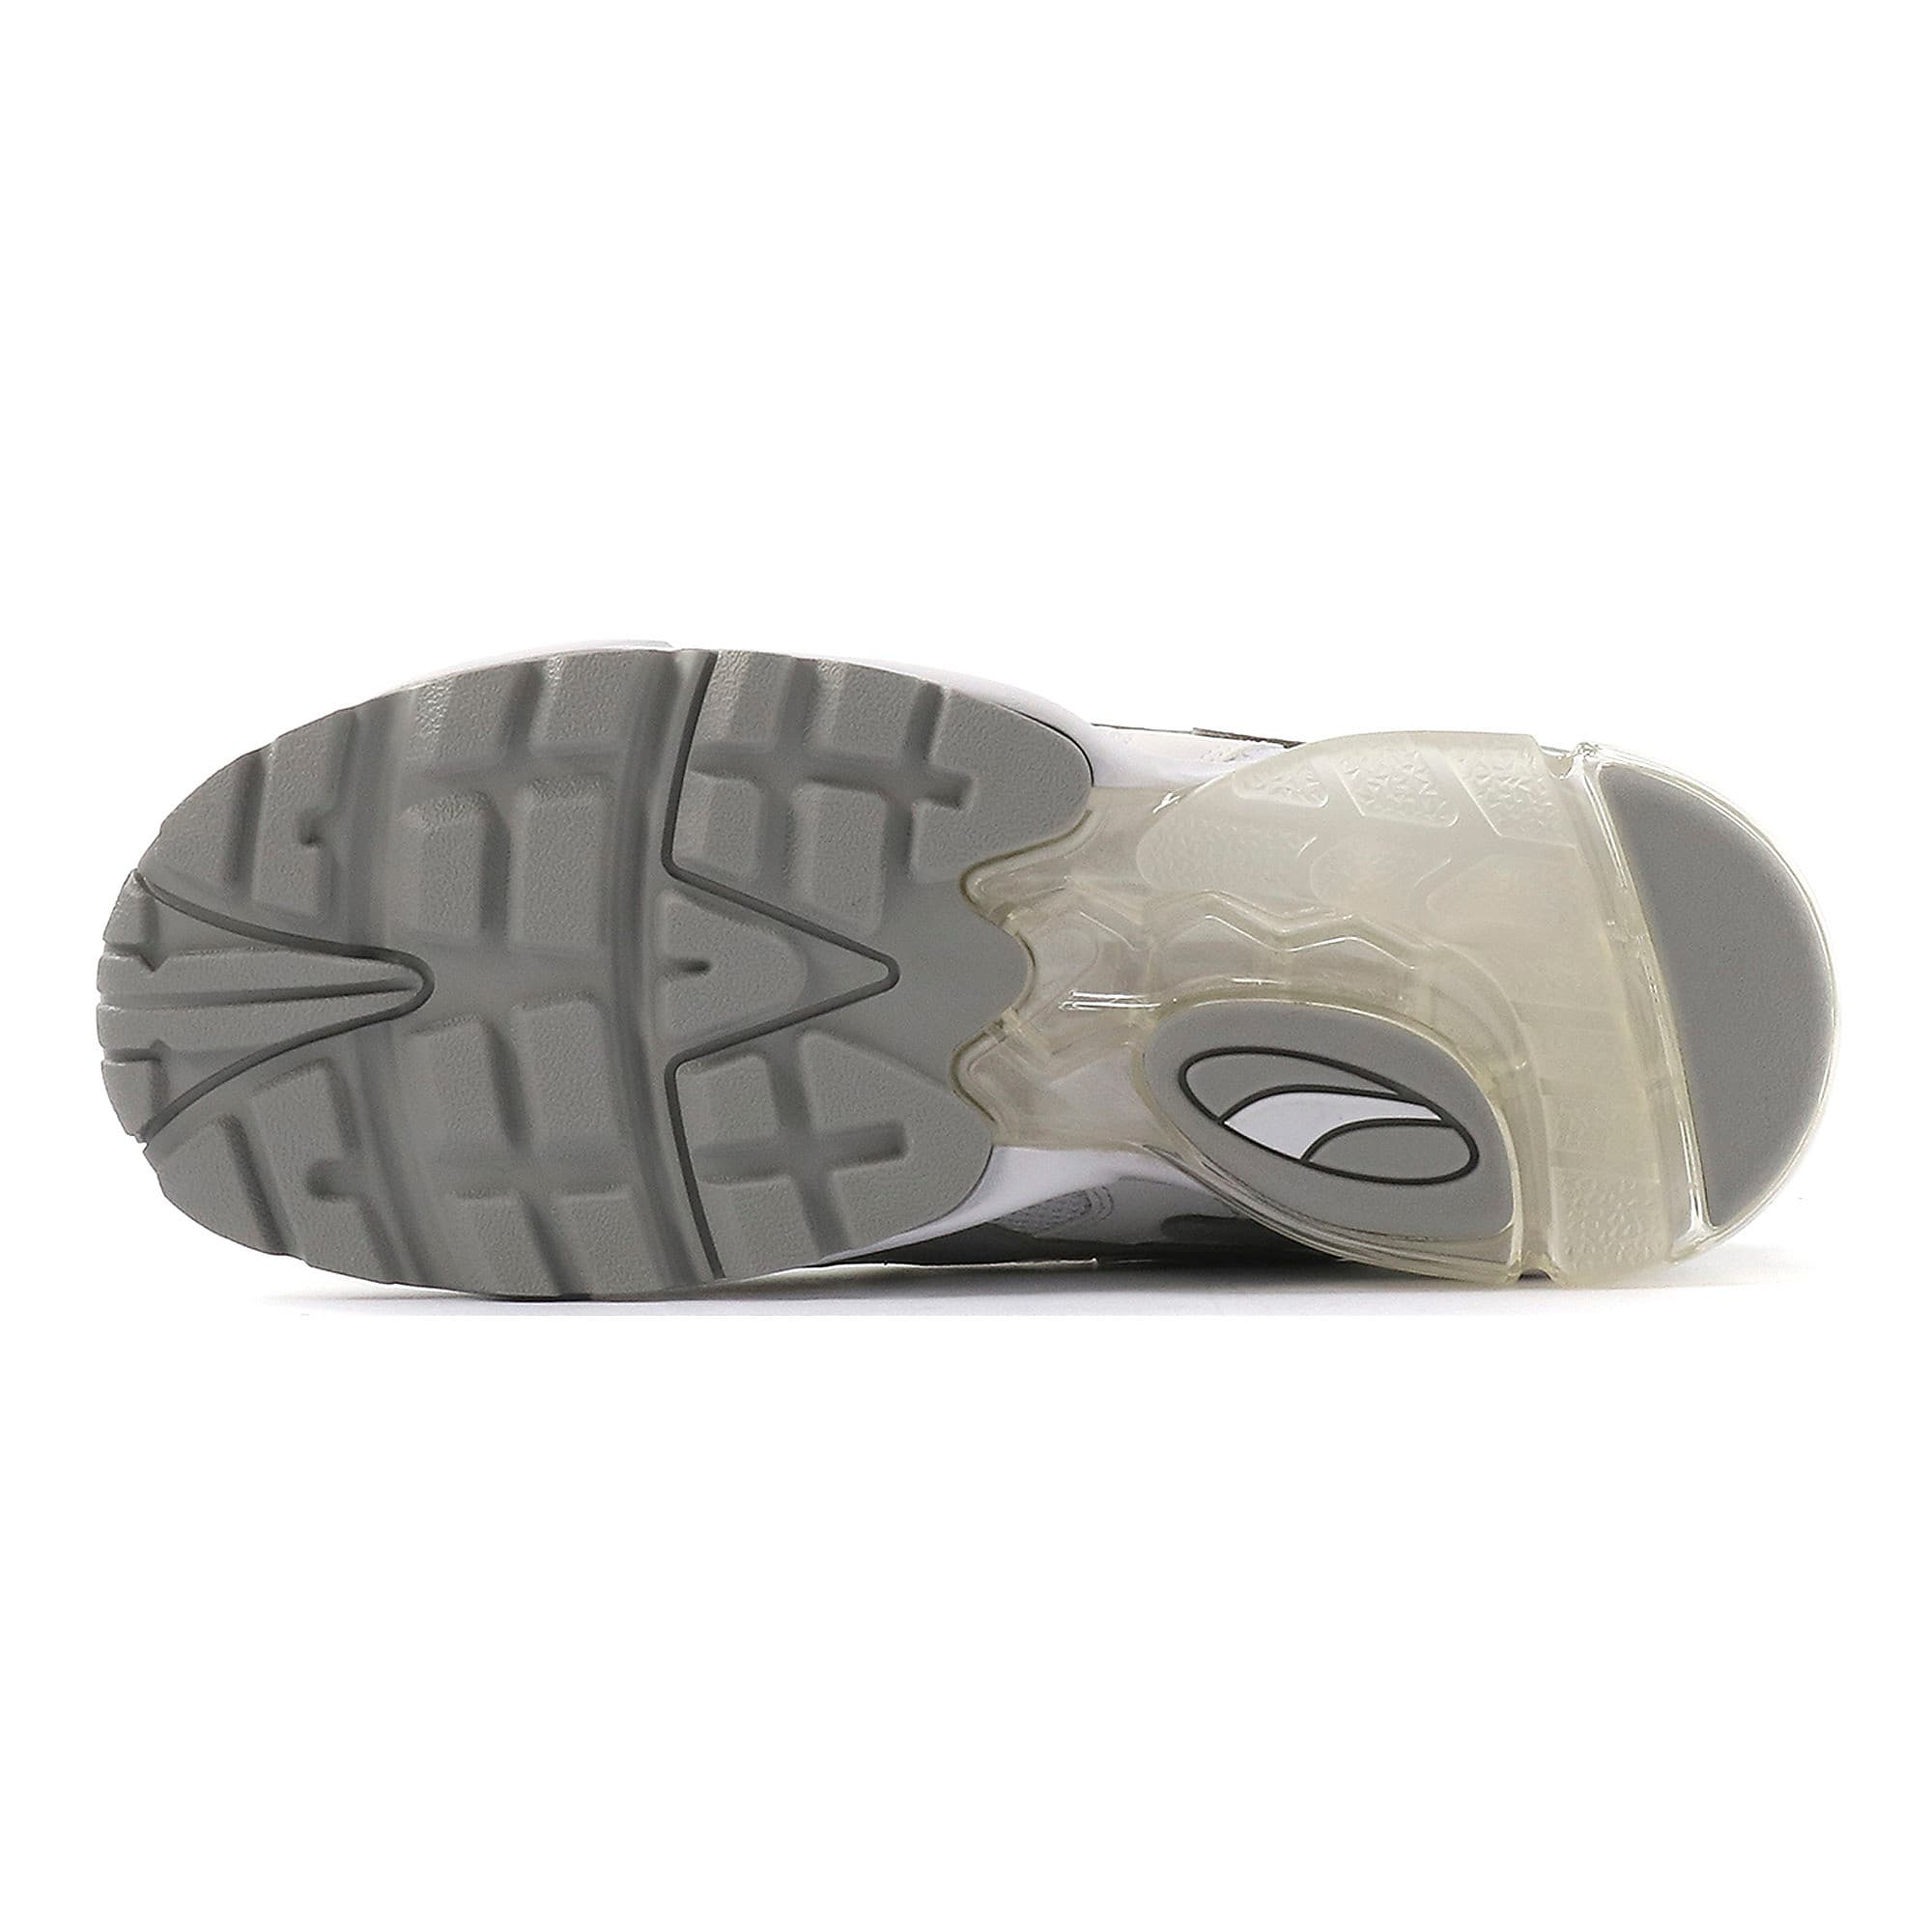 Thumbnail 4 of CELL Alien OG Sneakers, Puma White-High Rise, medium